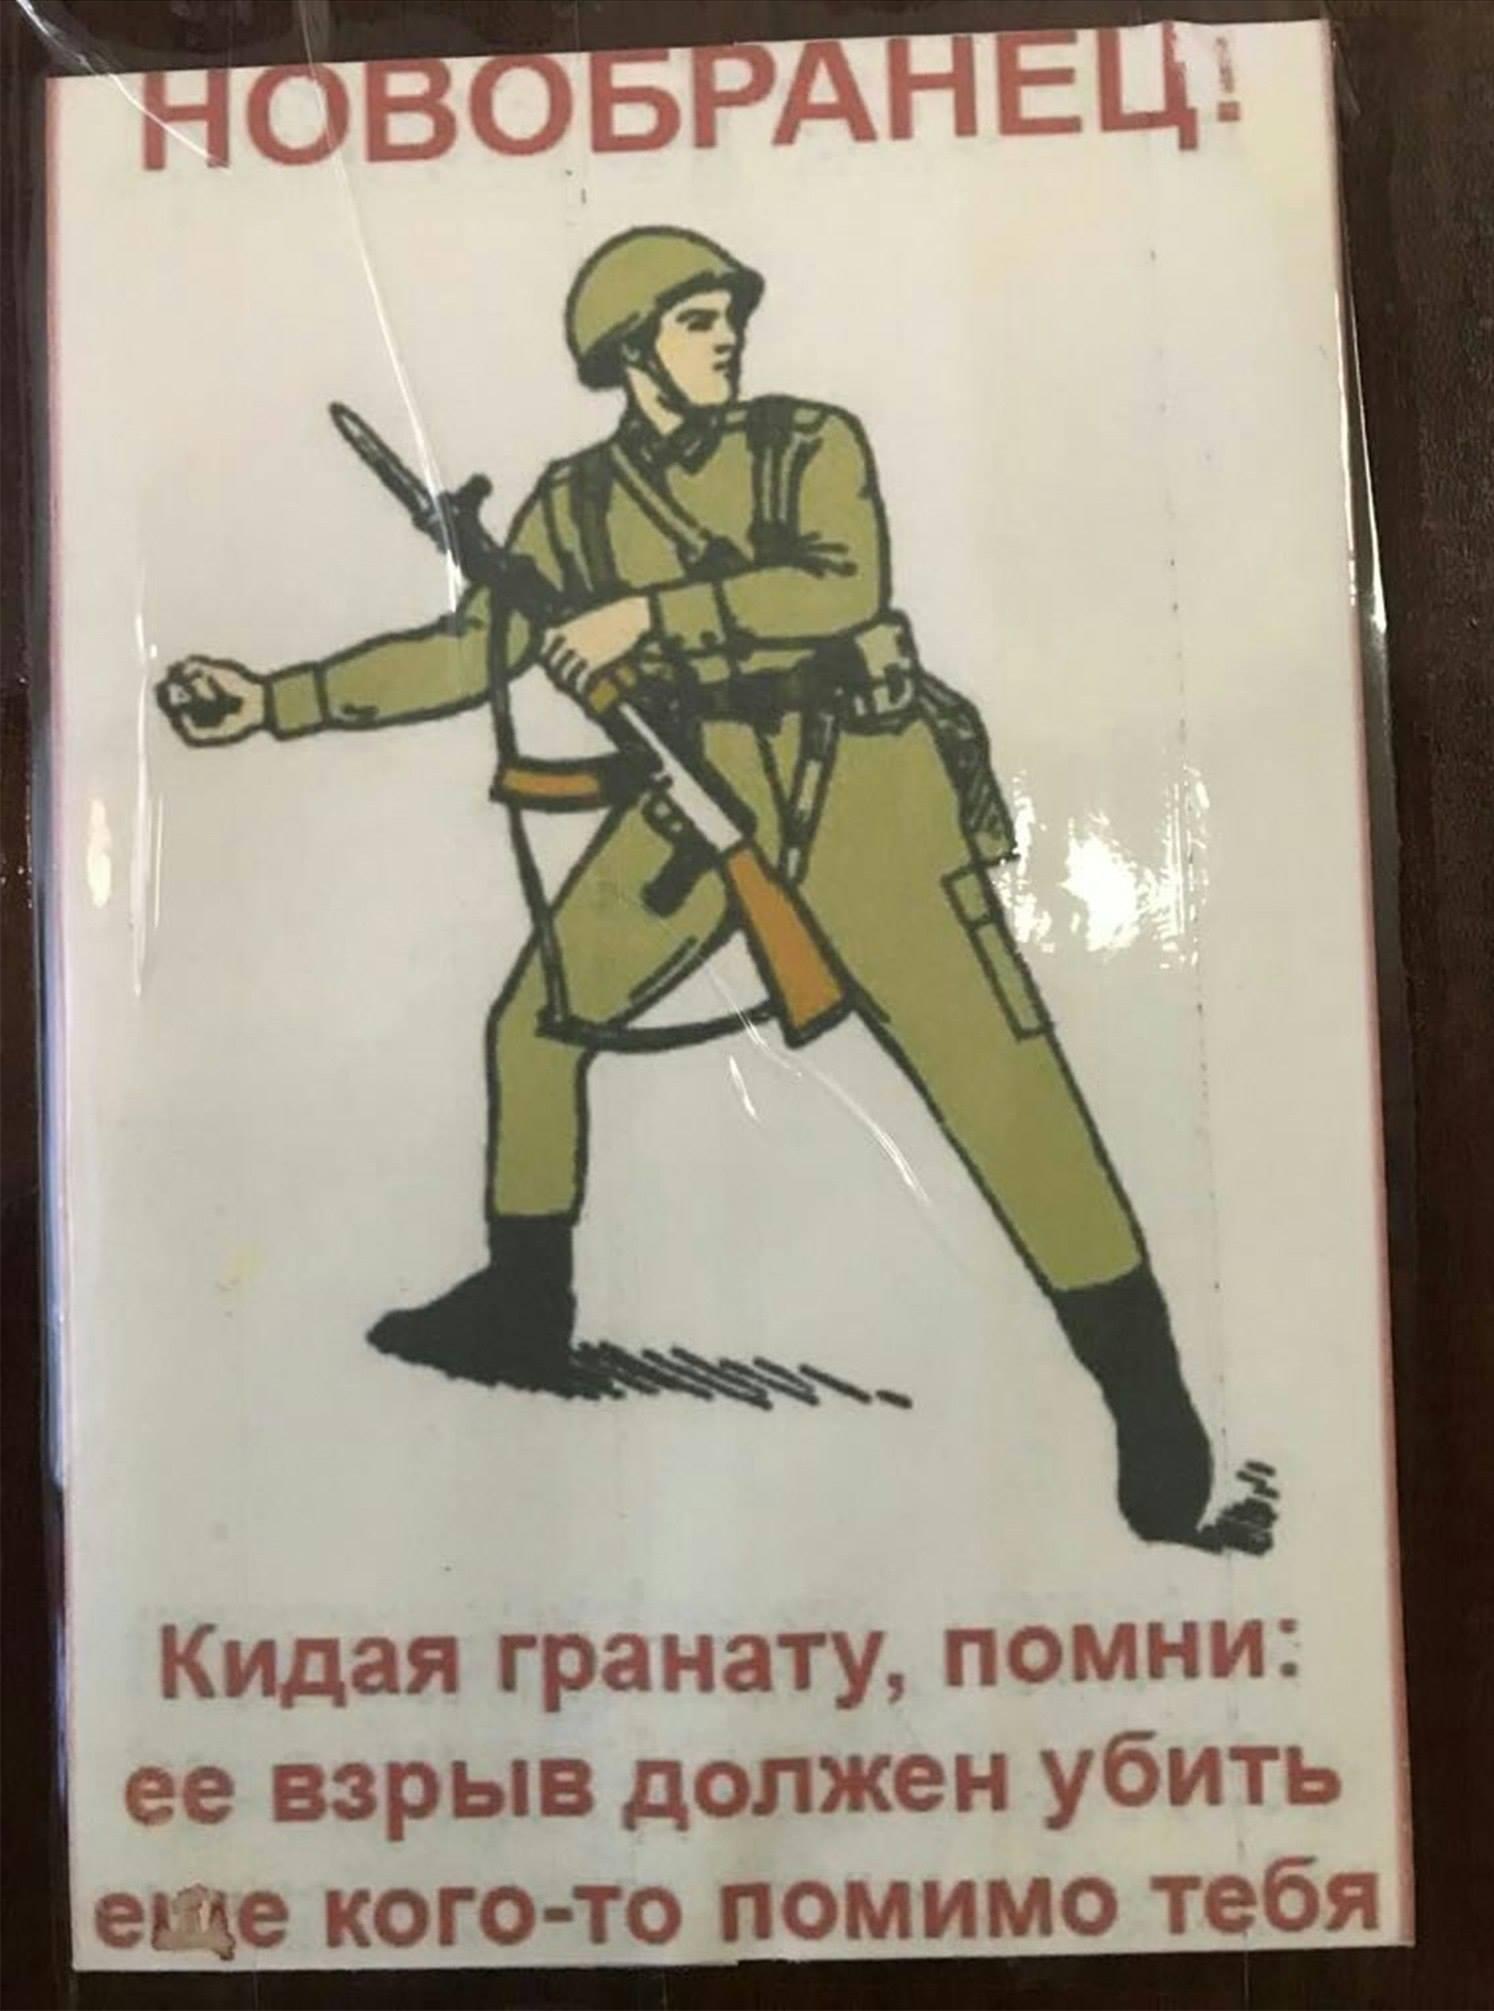 http://s7.uploads.ru/AE9eT.jpg